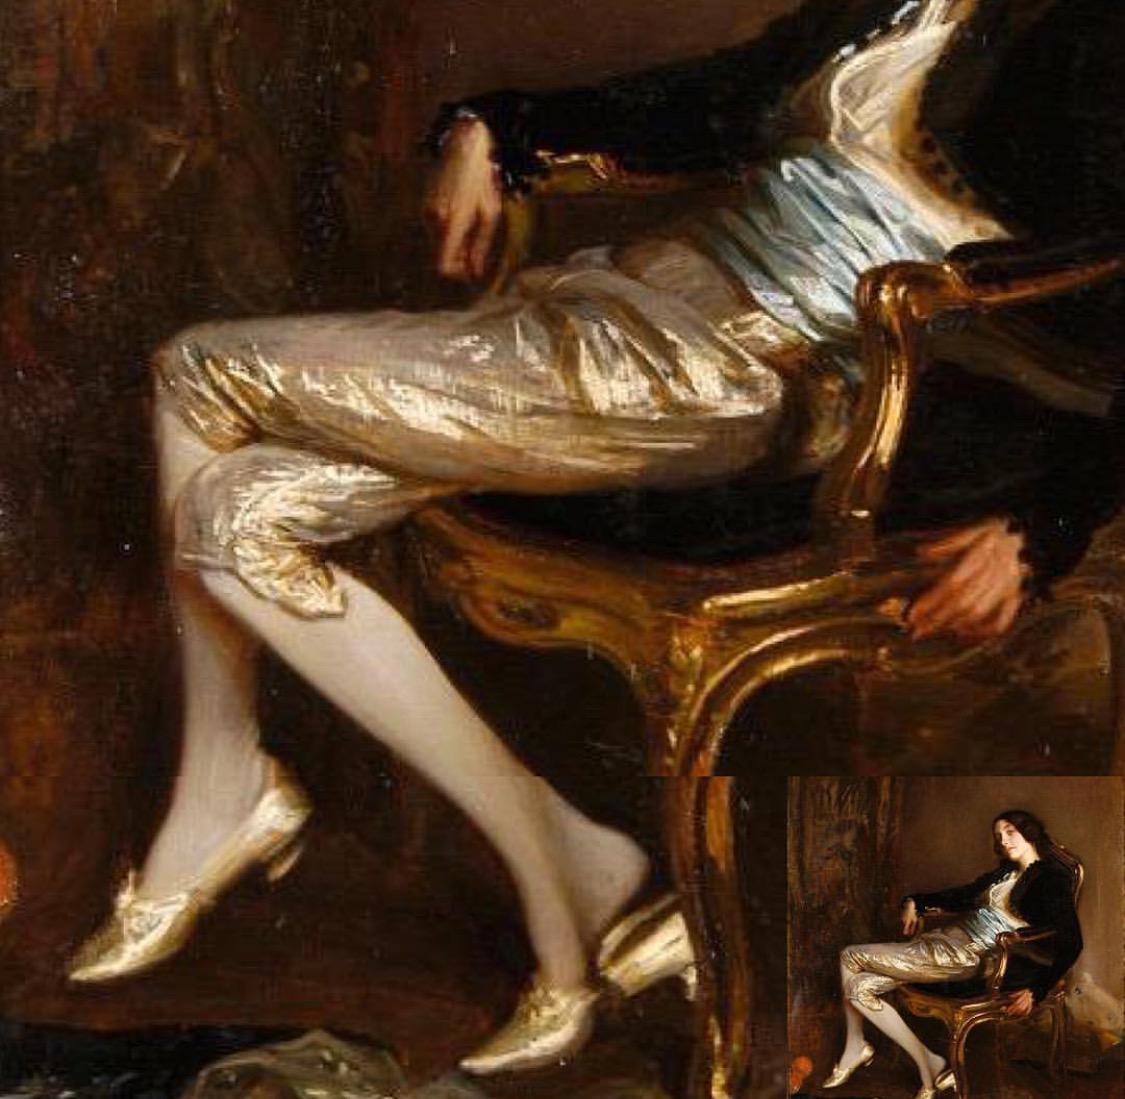 Artist: Jacques Émile Blanche  Le Cherubin de Mozart  1903 Musée des Beaux Arts